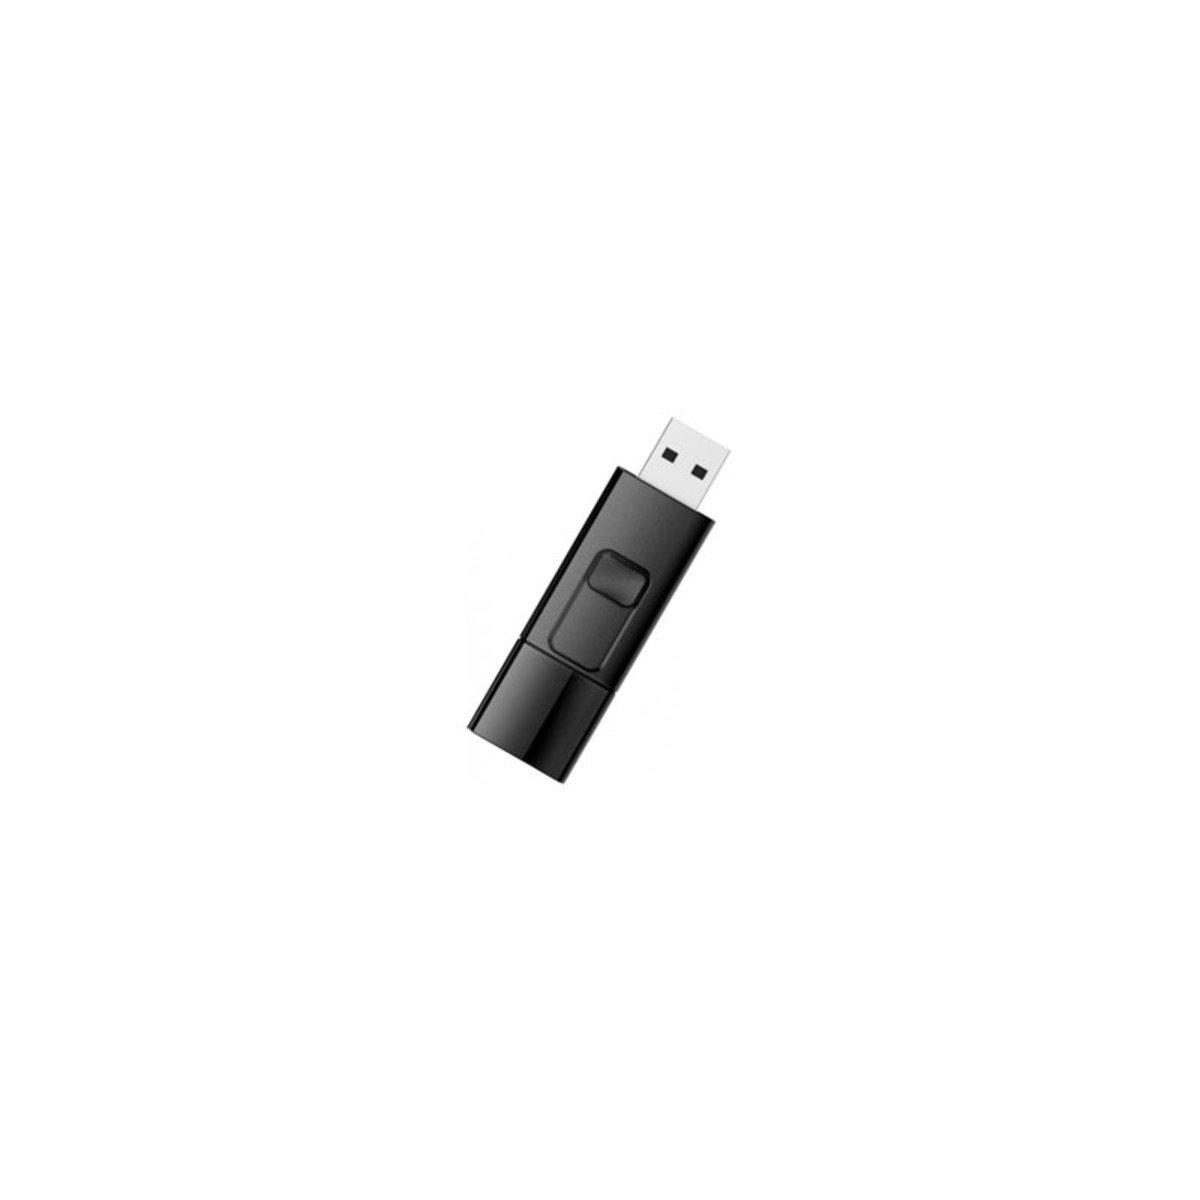 高速USB3.0快閃記憶棒 32GB Blaze B05 黑色